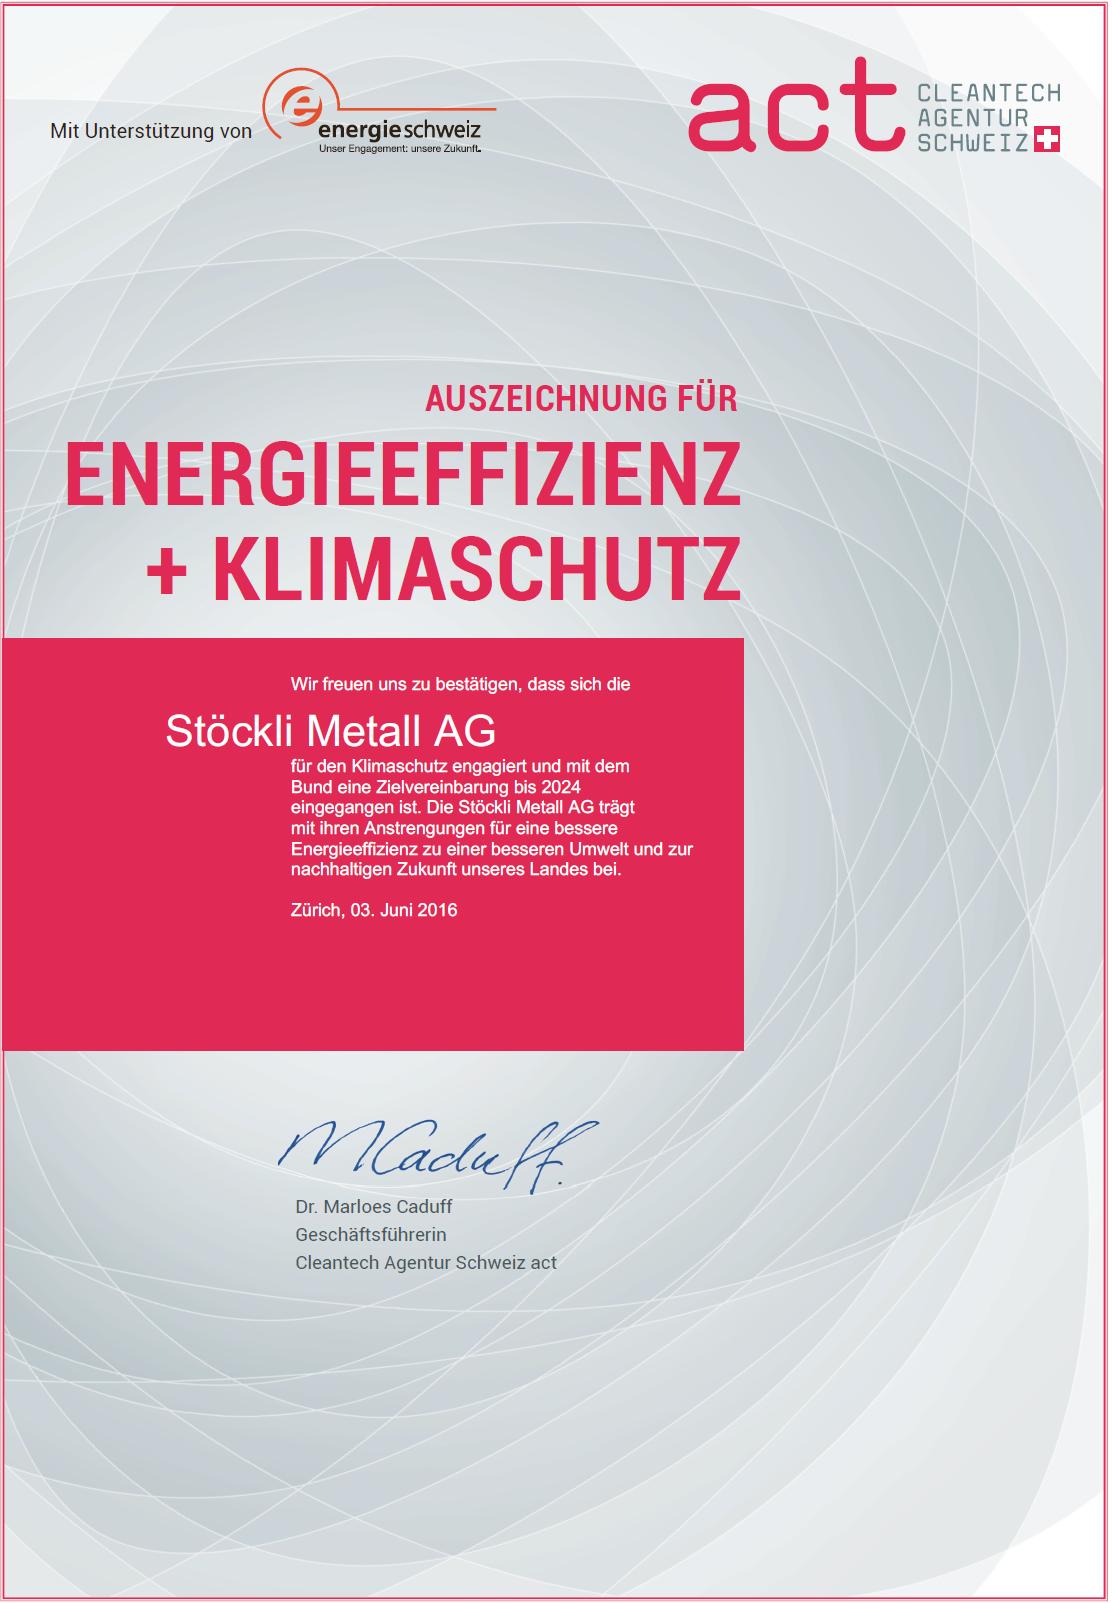 Stöckli Metall AG - Auszeichnung 2016 für Energieeffizienz + Klimaschutz